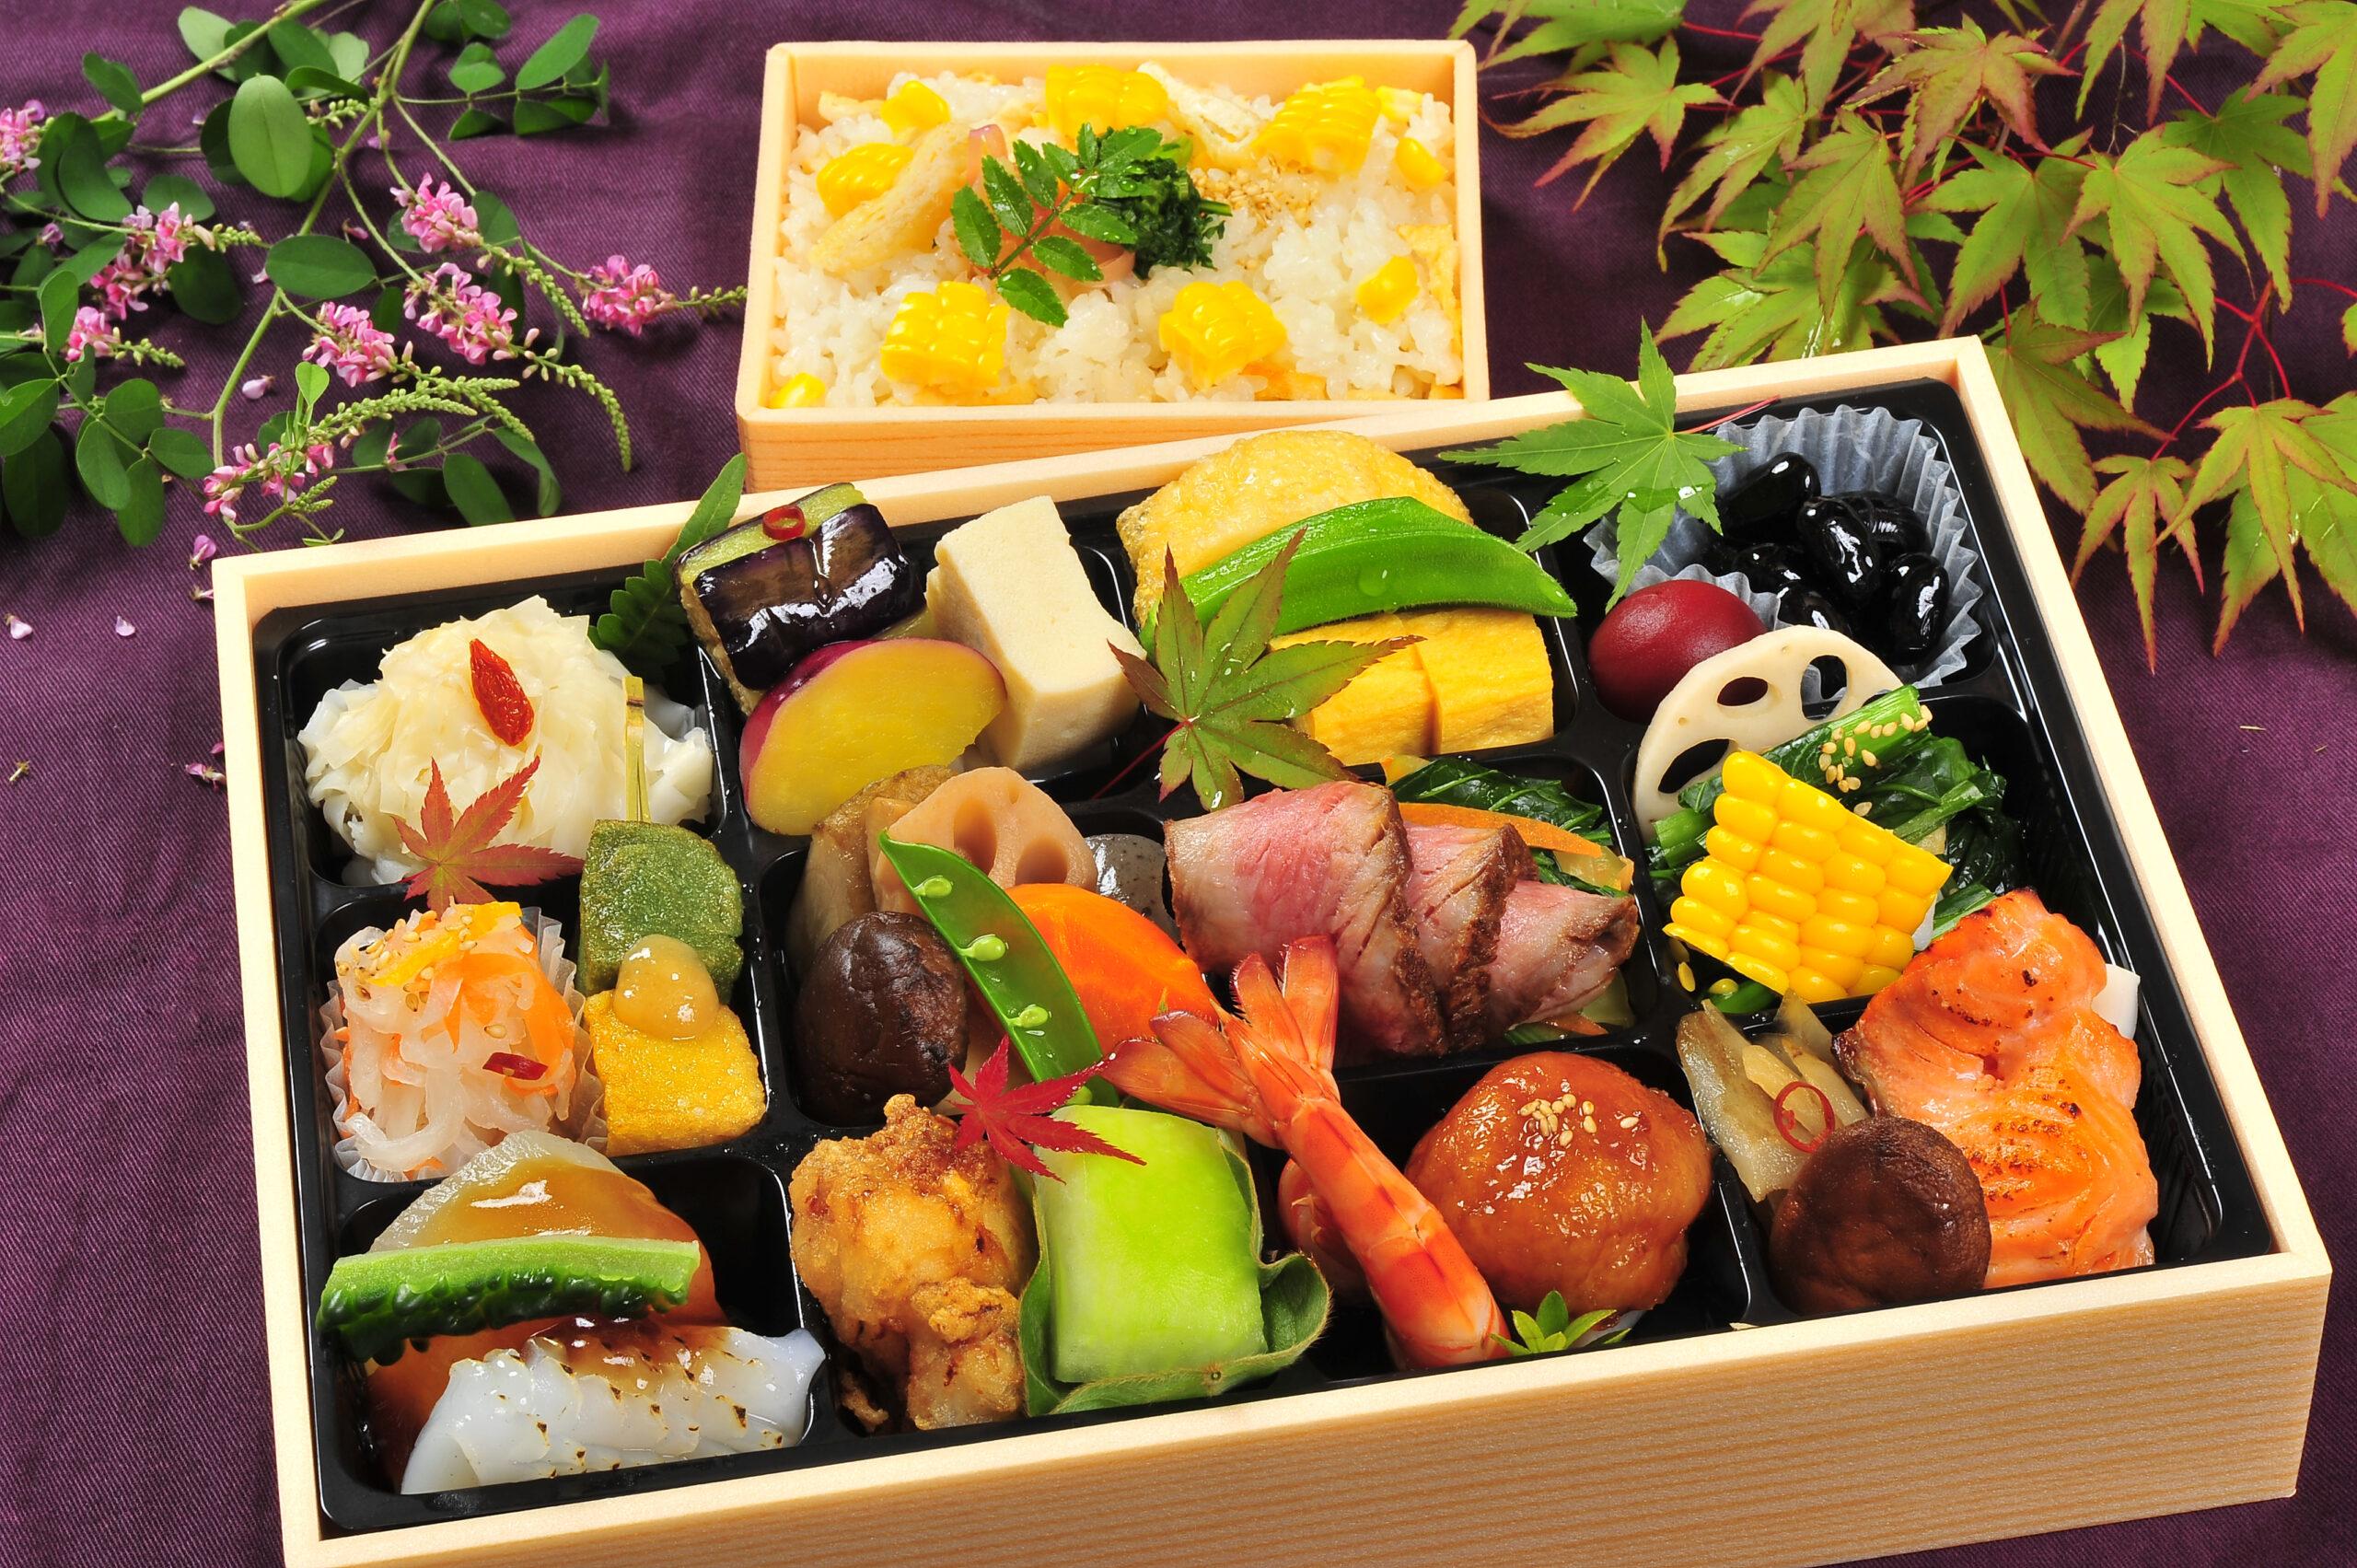 2021年 夏彩【natsuiro】おひとり様盛 オードブル 季節ご飯付き